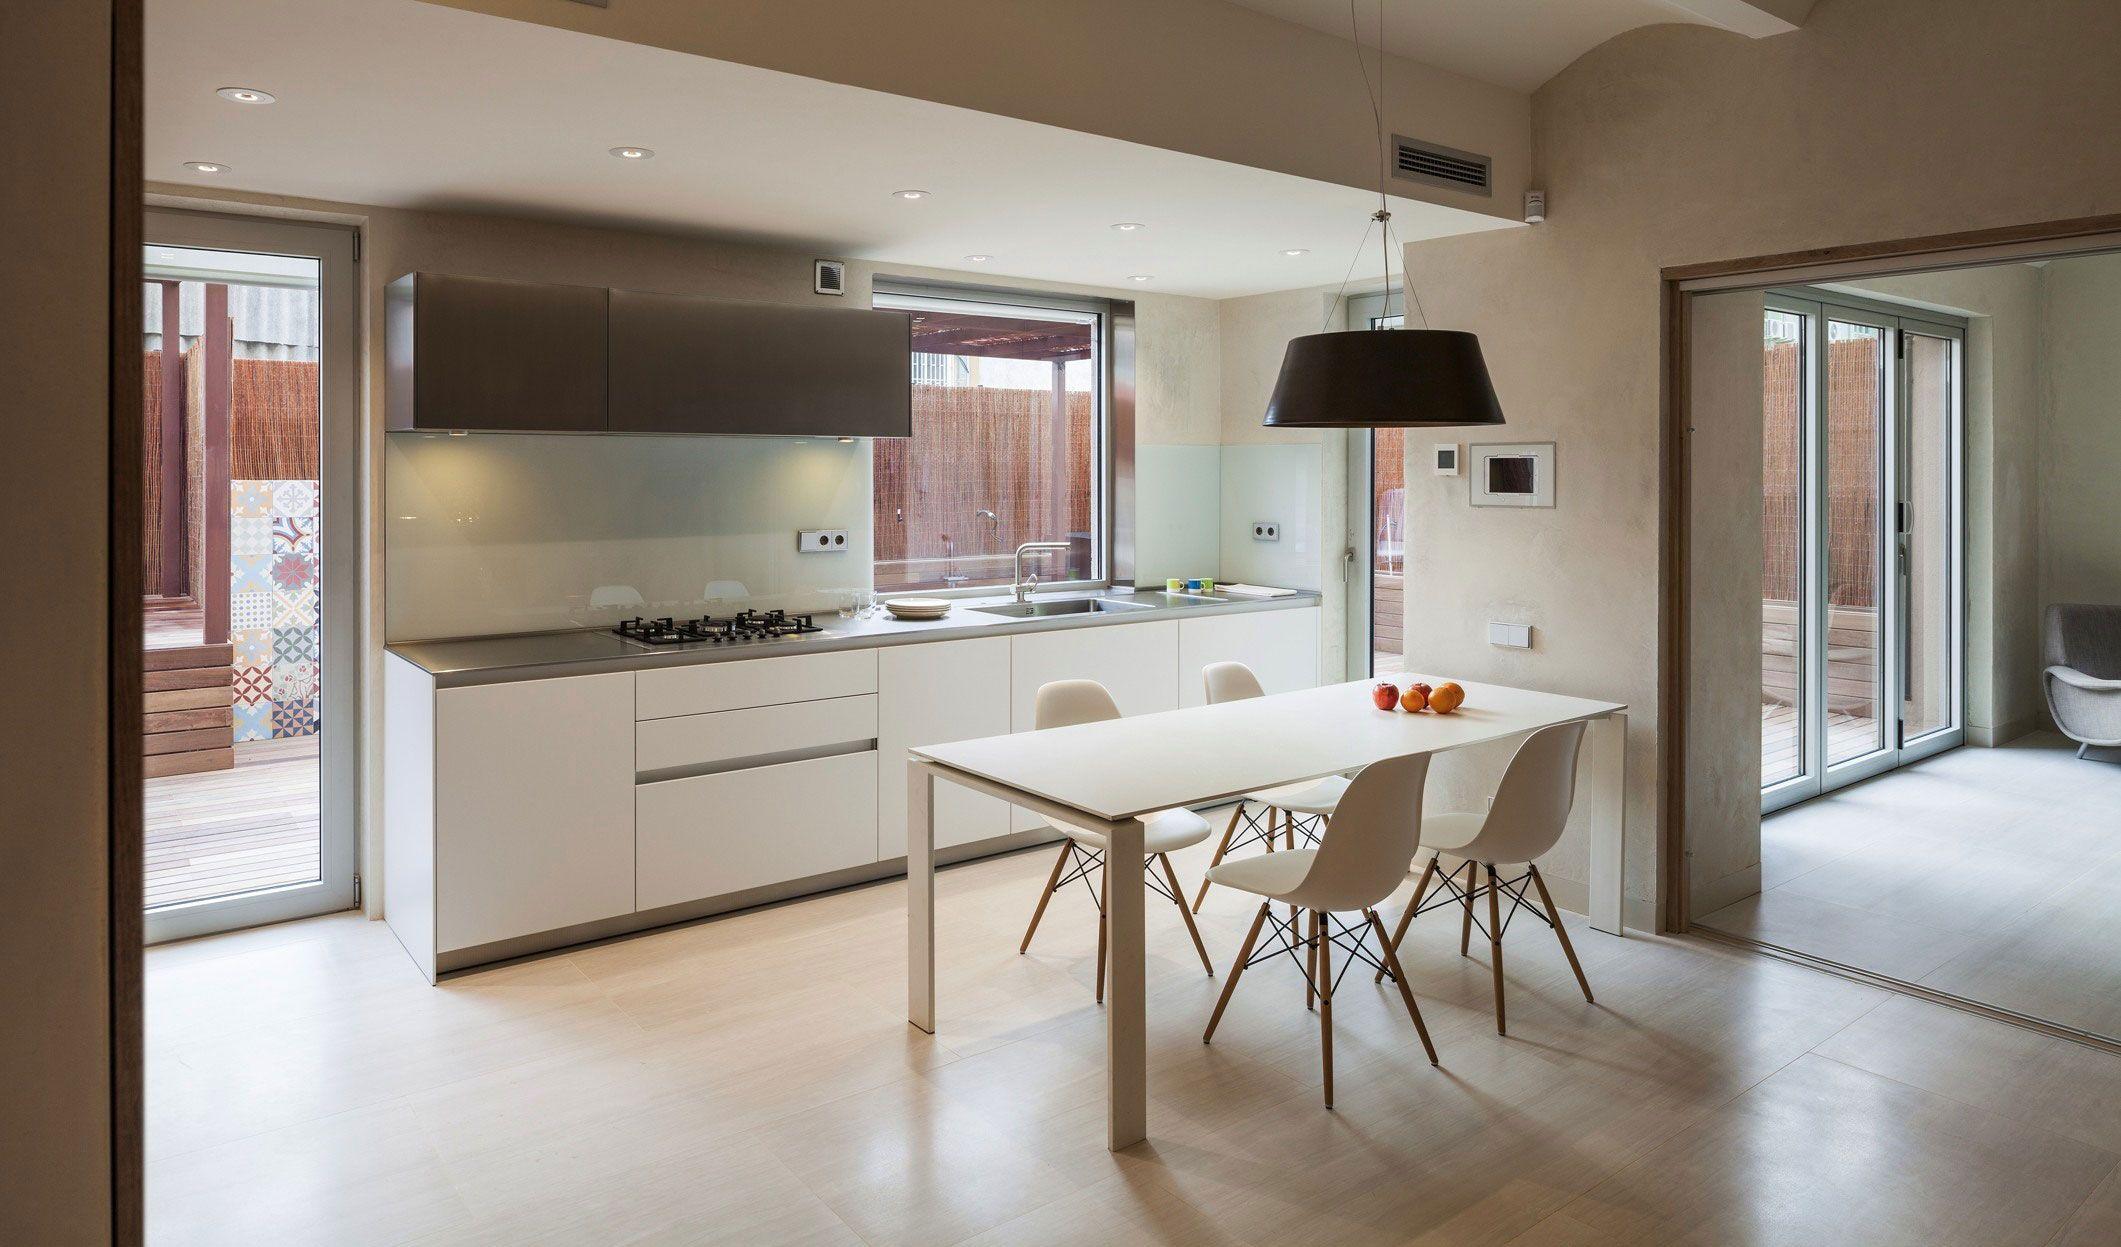 Innenarchitektur für wohnzimmer für kleines haus duplex in gracia by zest architecture   wohnen  pinterest  wohnen